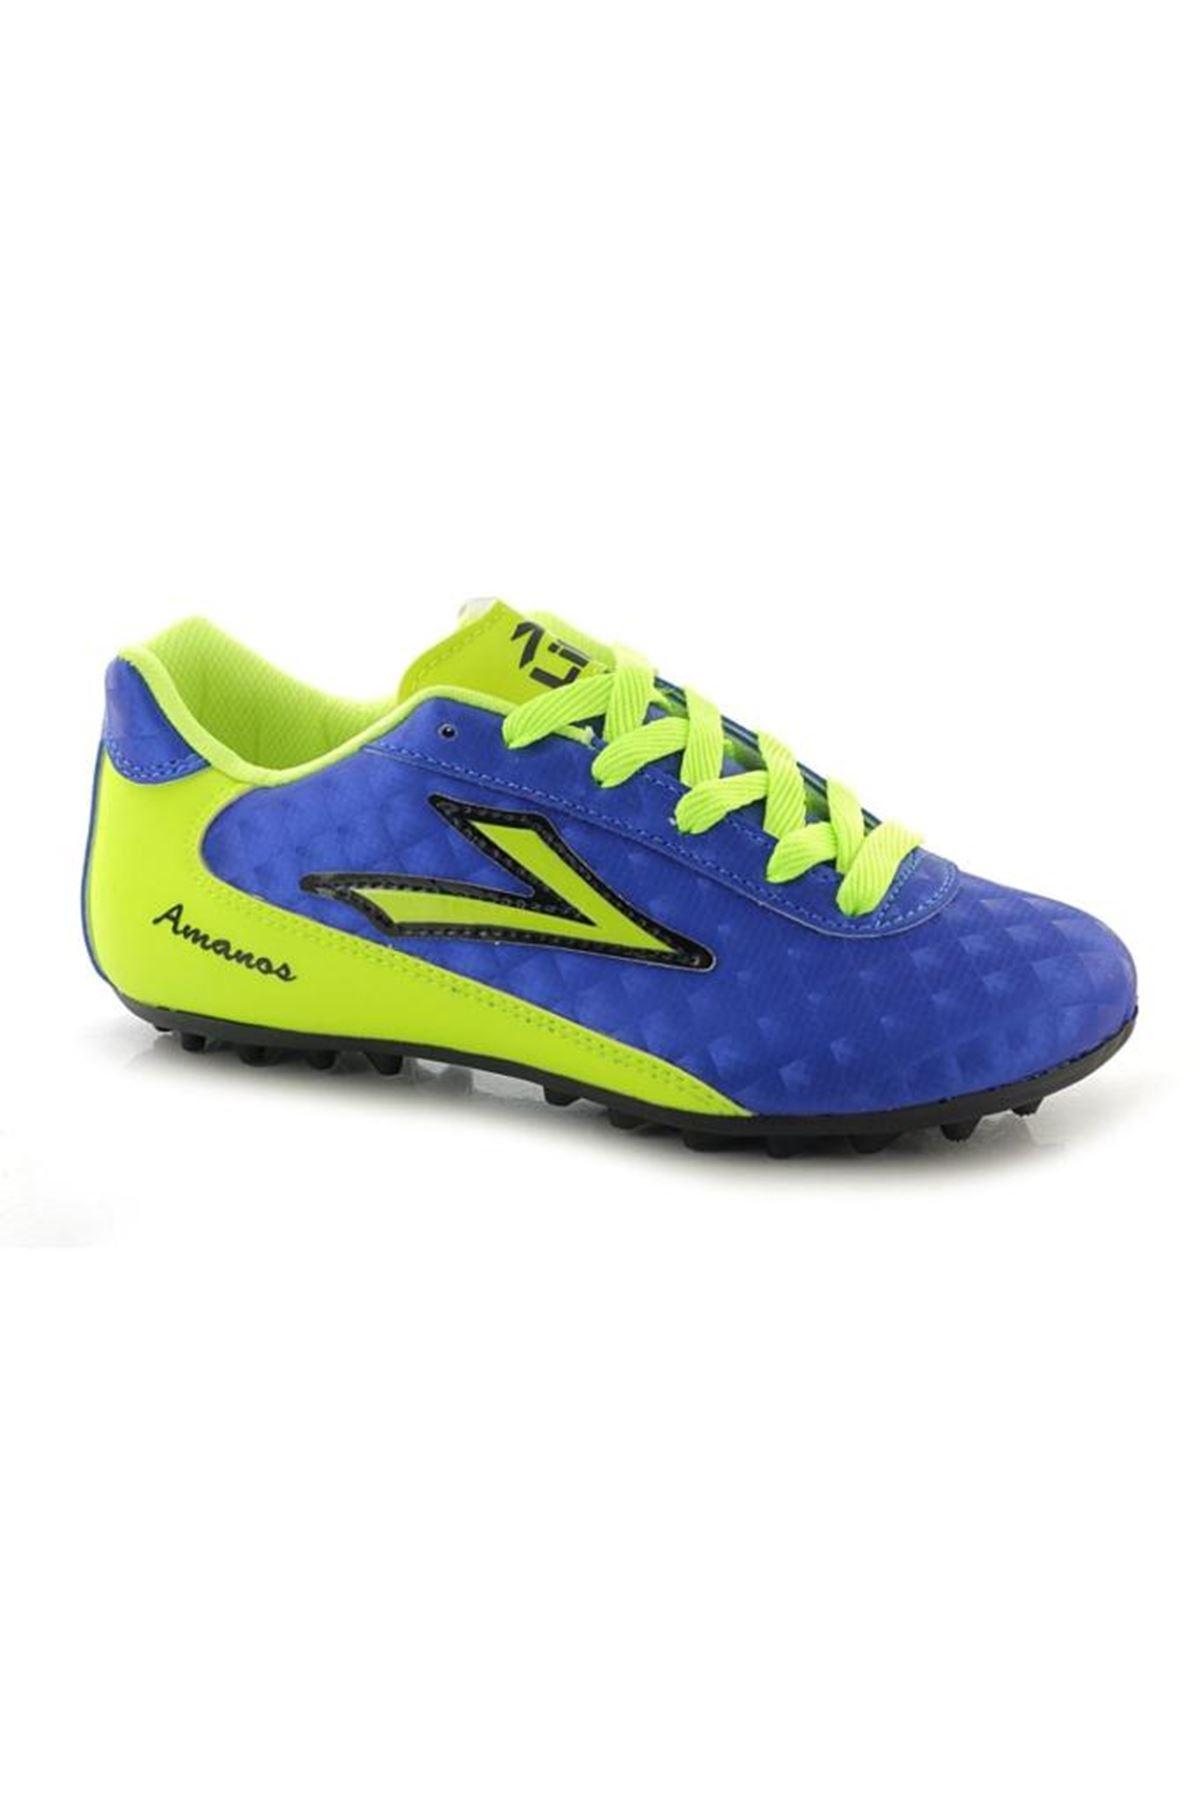 Lig Amanos Mavi Halısaha Spor Ayakkabı